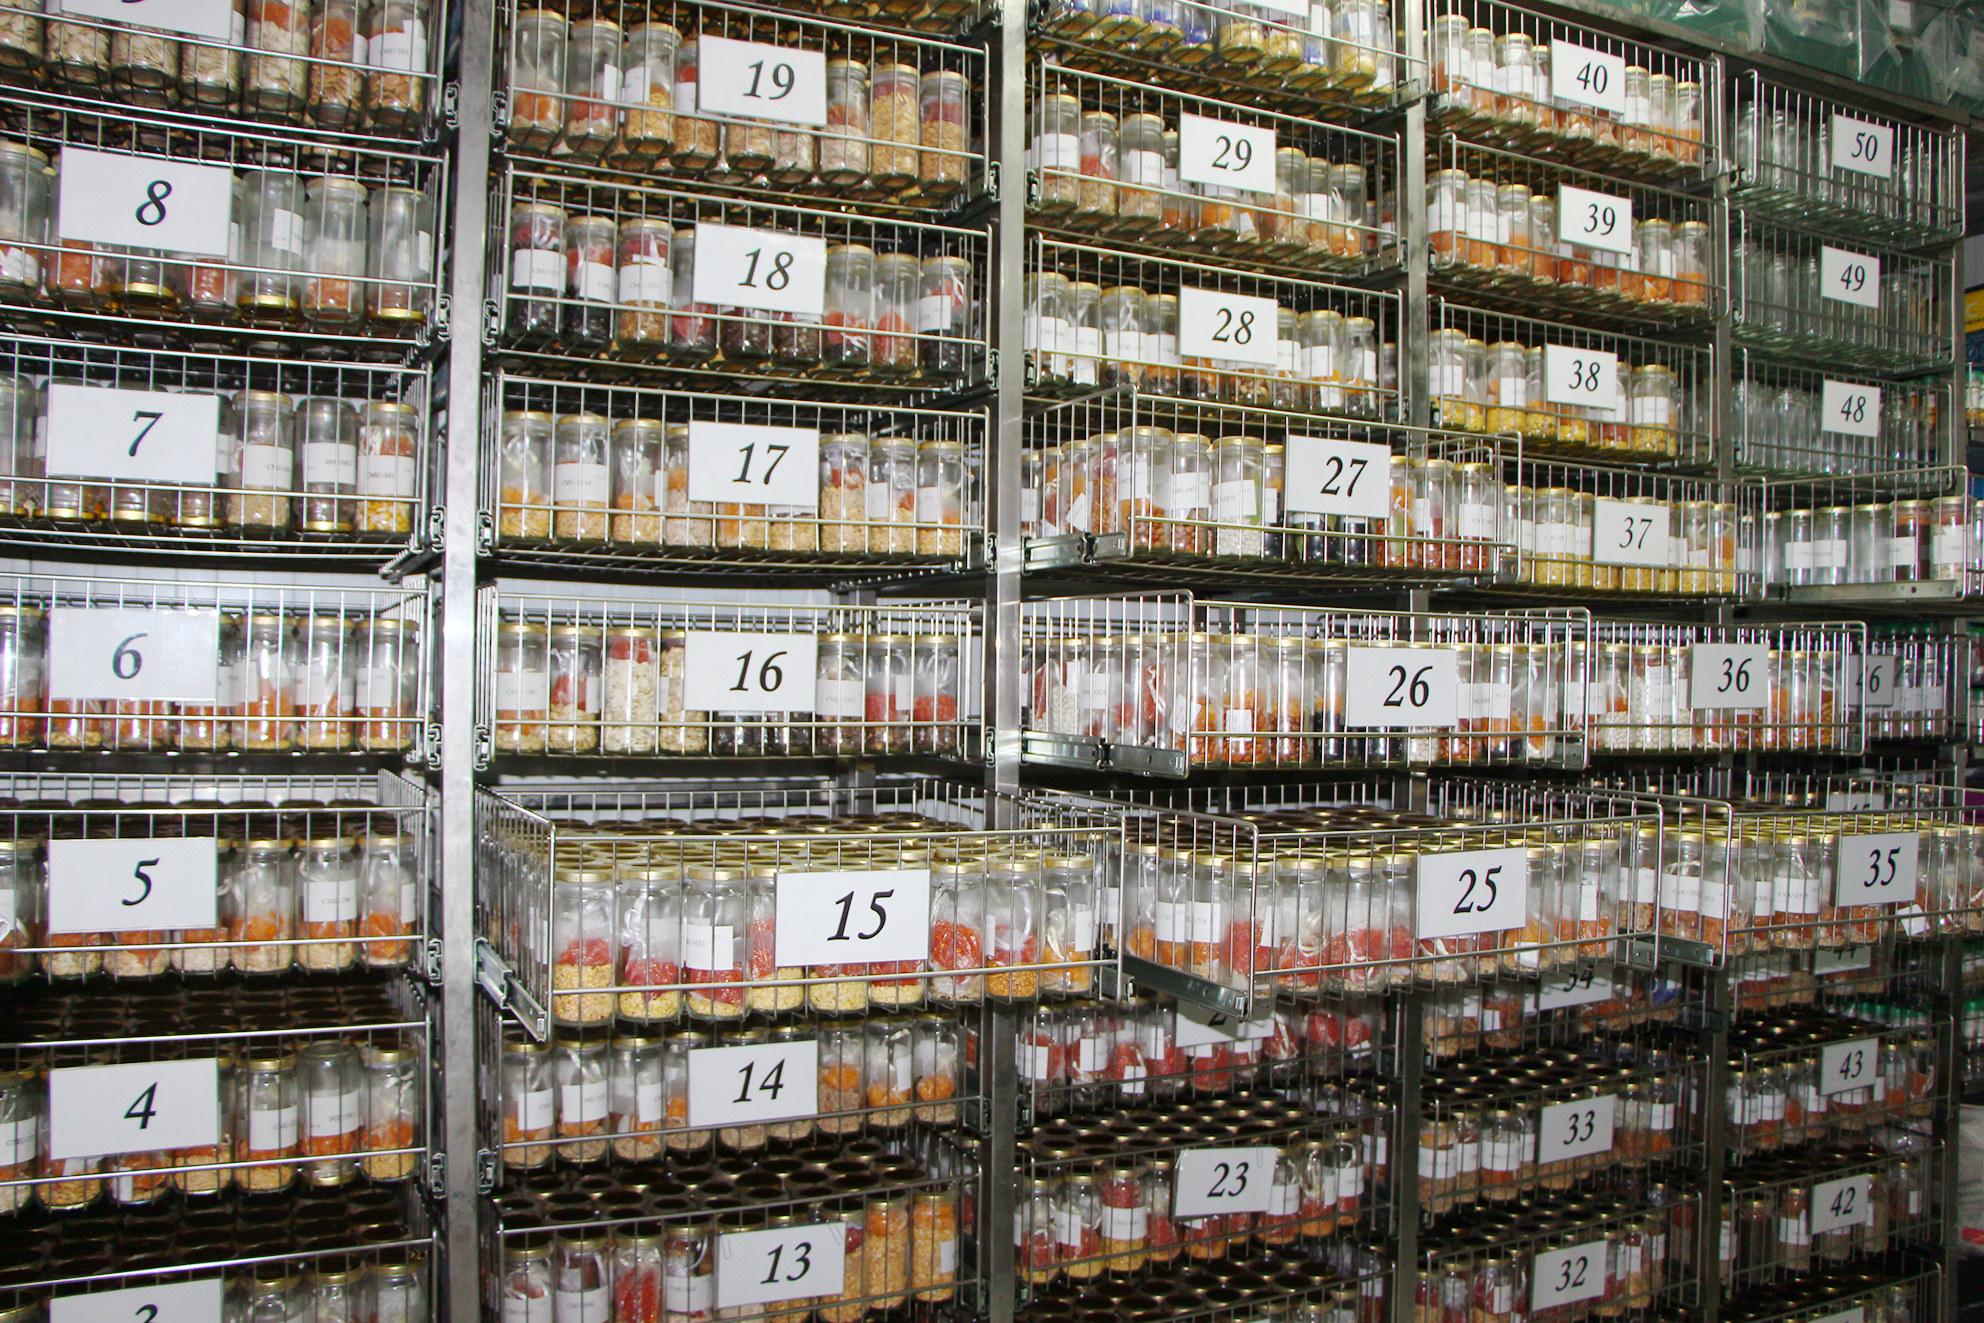 El 95 por ciento de las variedades almacenadas en el Bagerim son semillas. Imagen: CARM